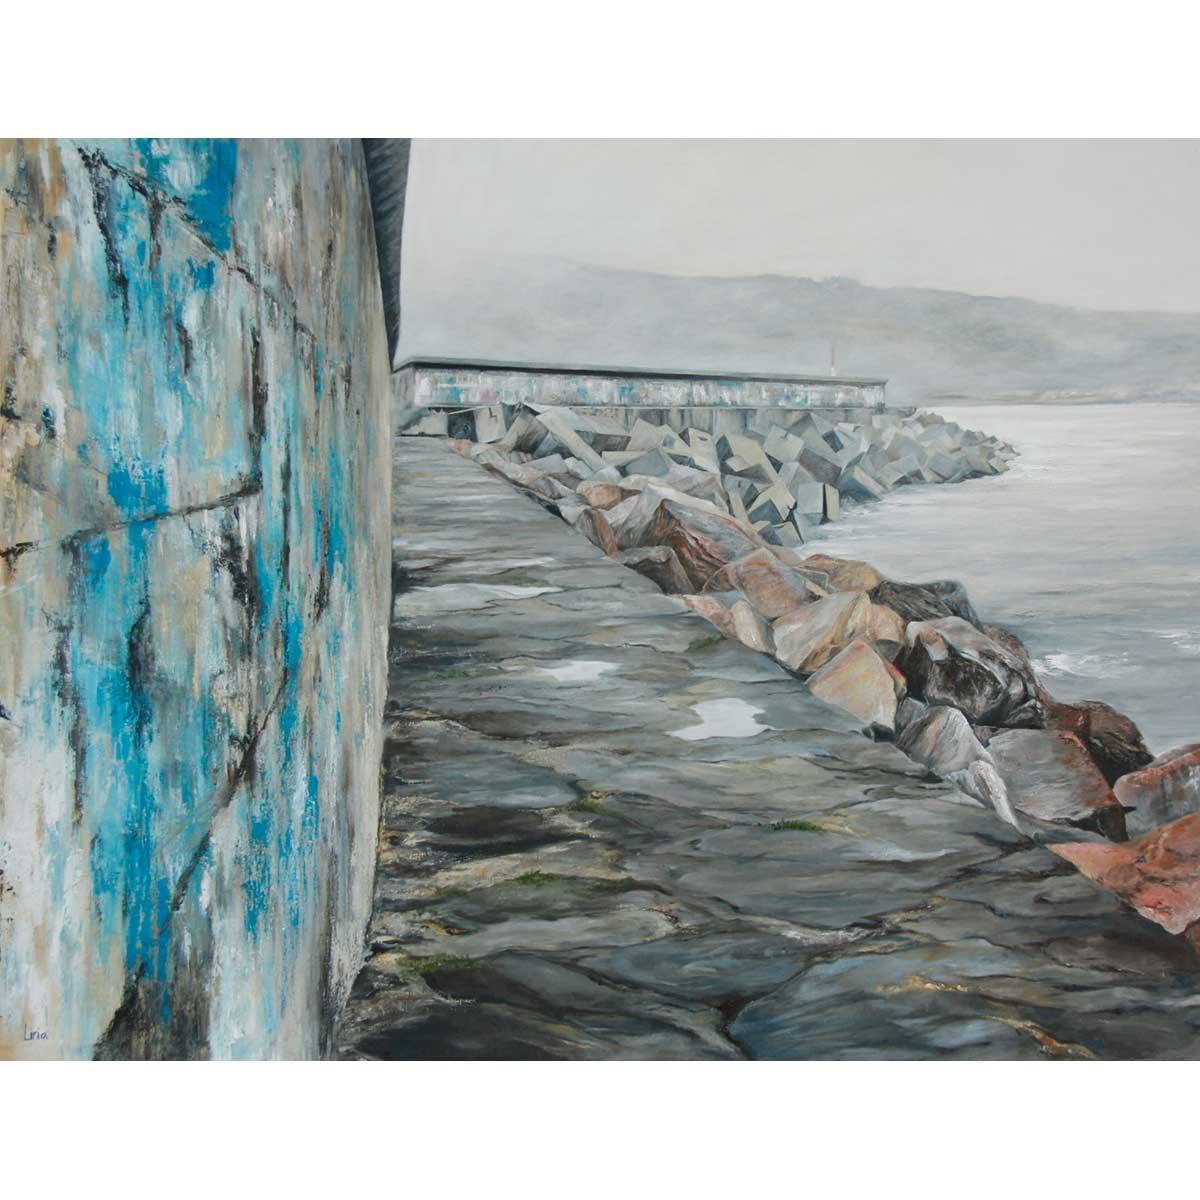 NURIA LIRIA - Tras el muelle de Corme. Óleo sobre lienzo. 100x130cm.